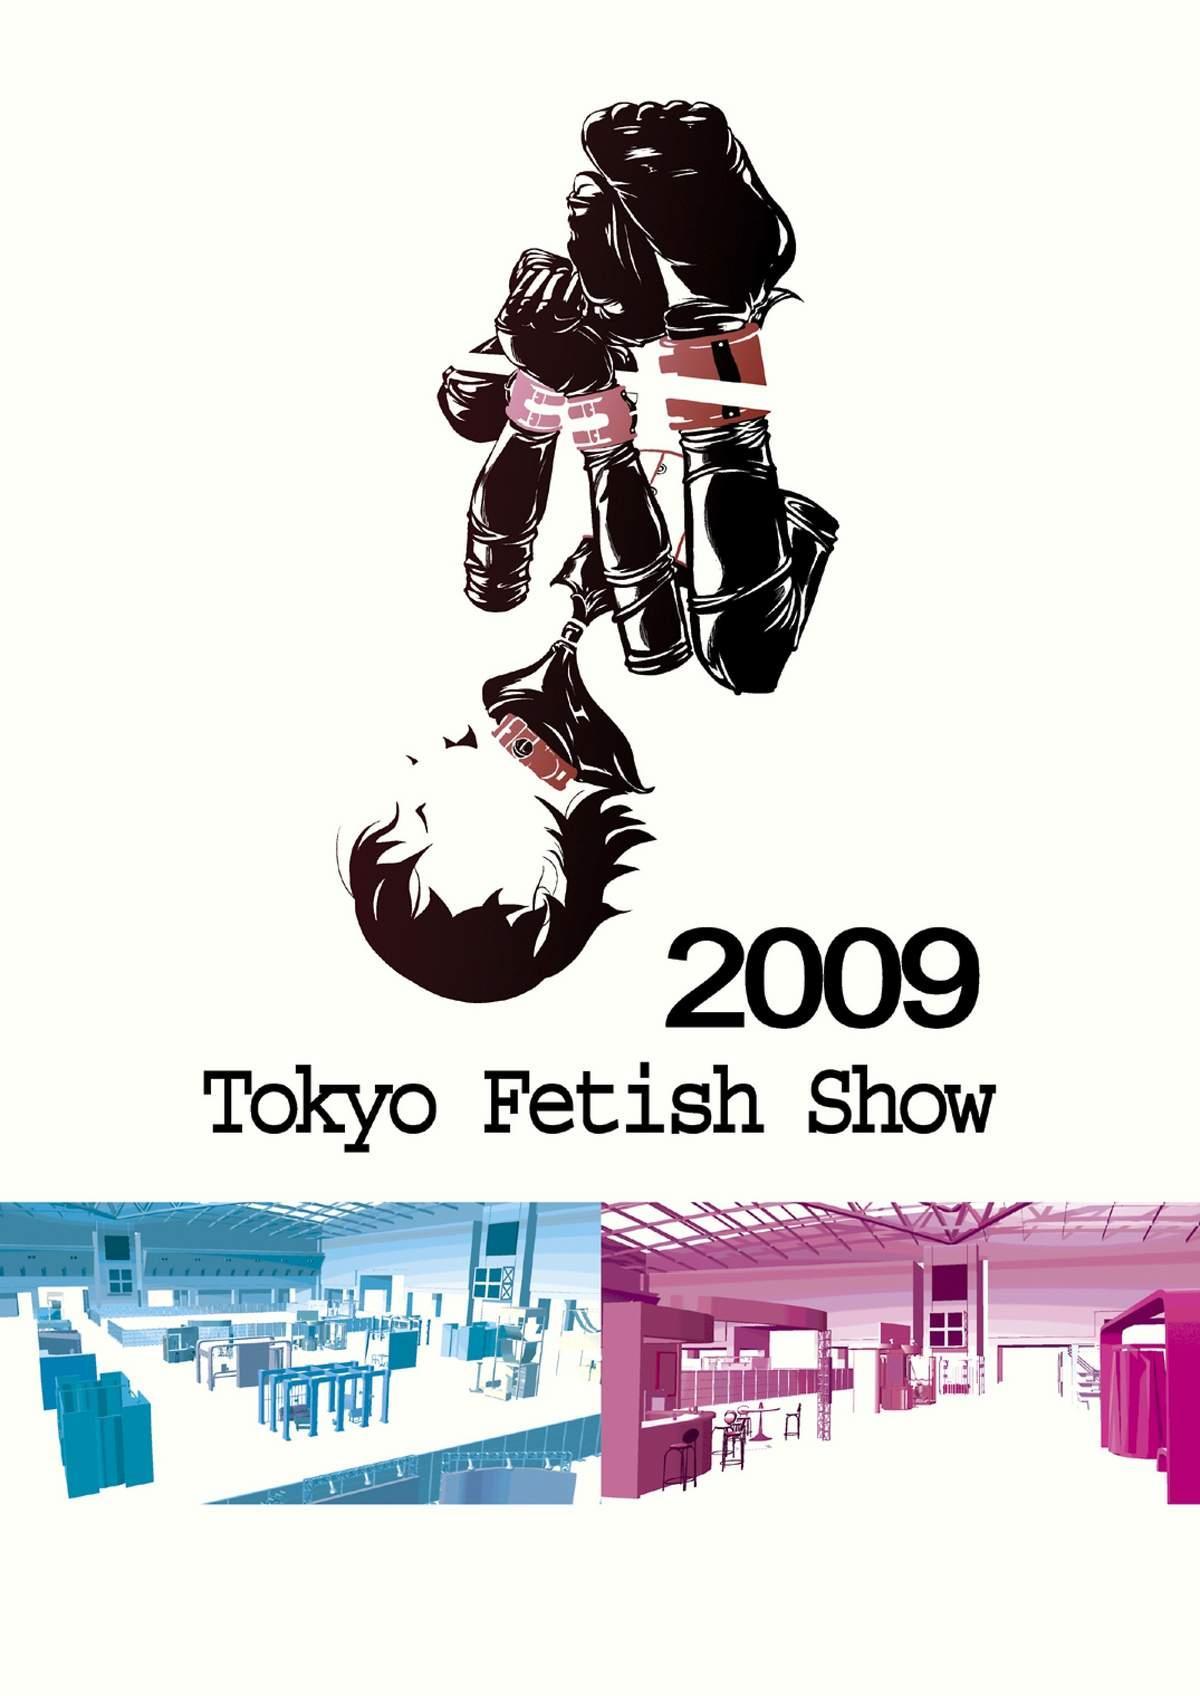 Tokyo Fetish Show 2009 29